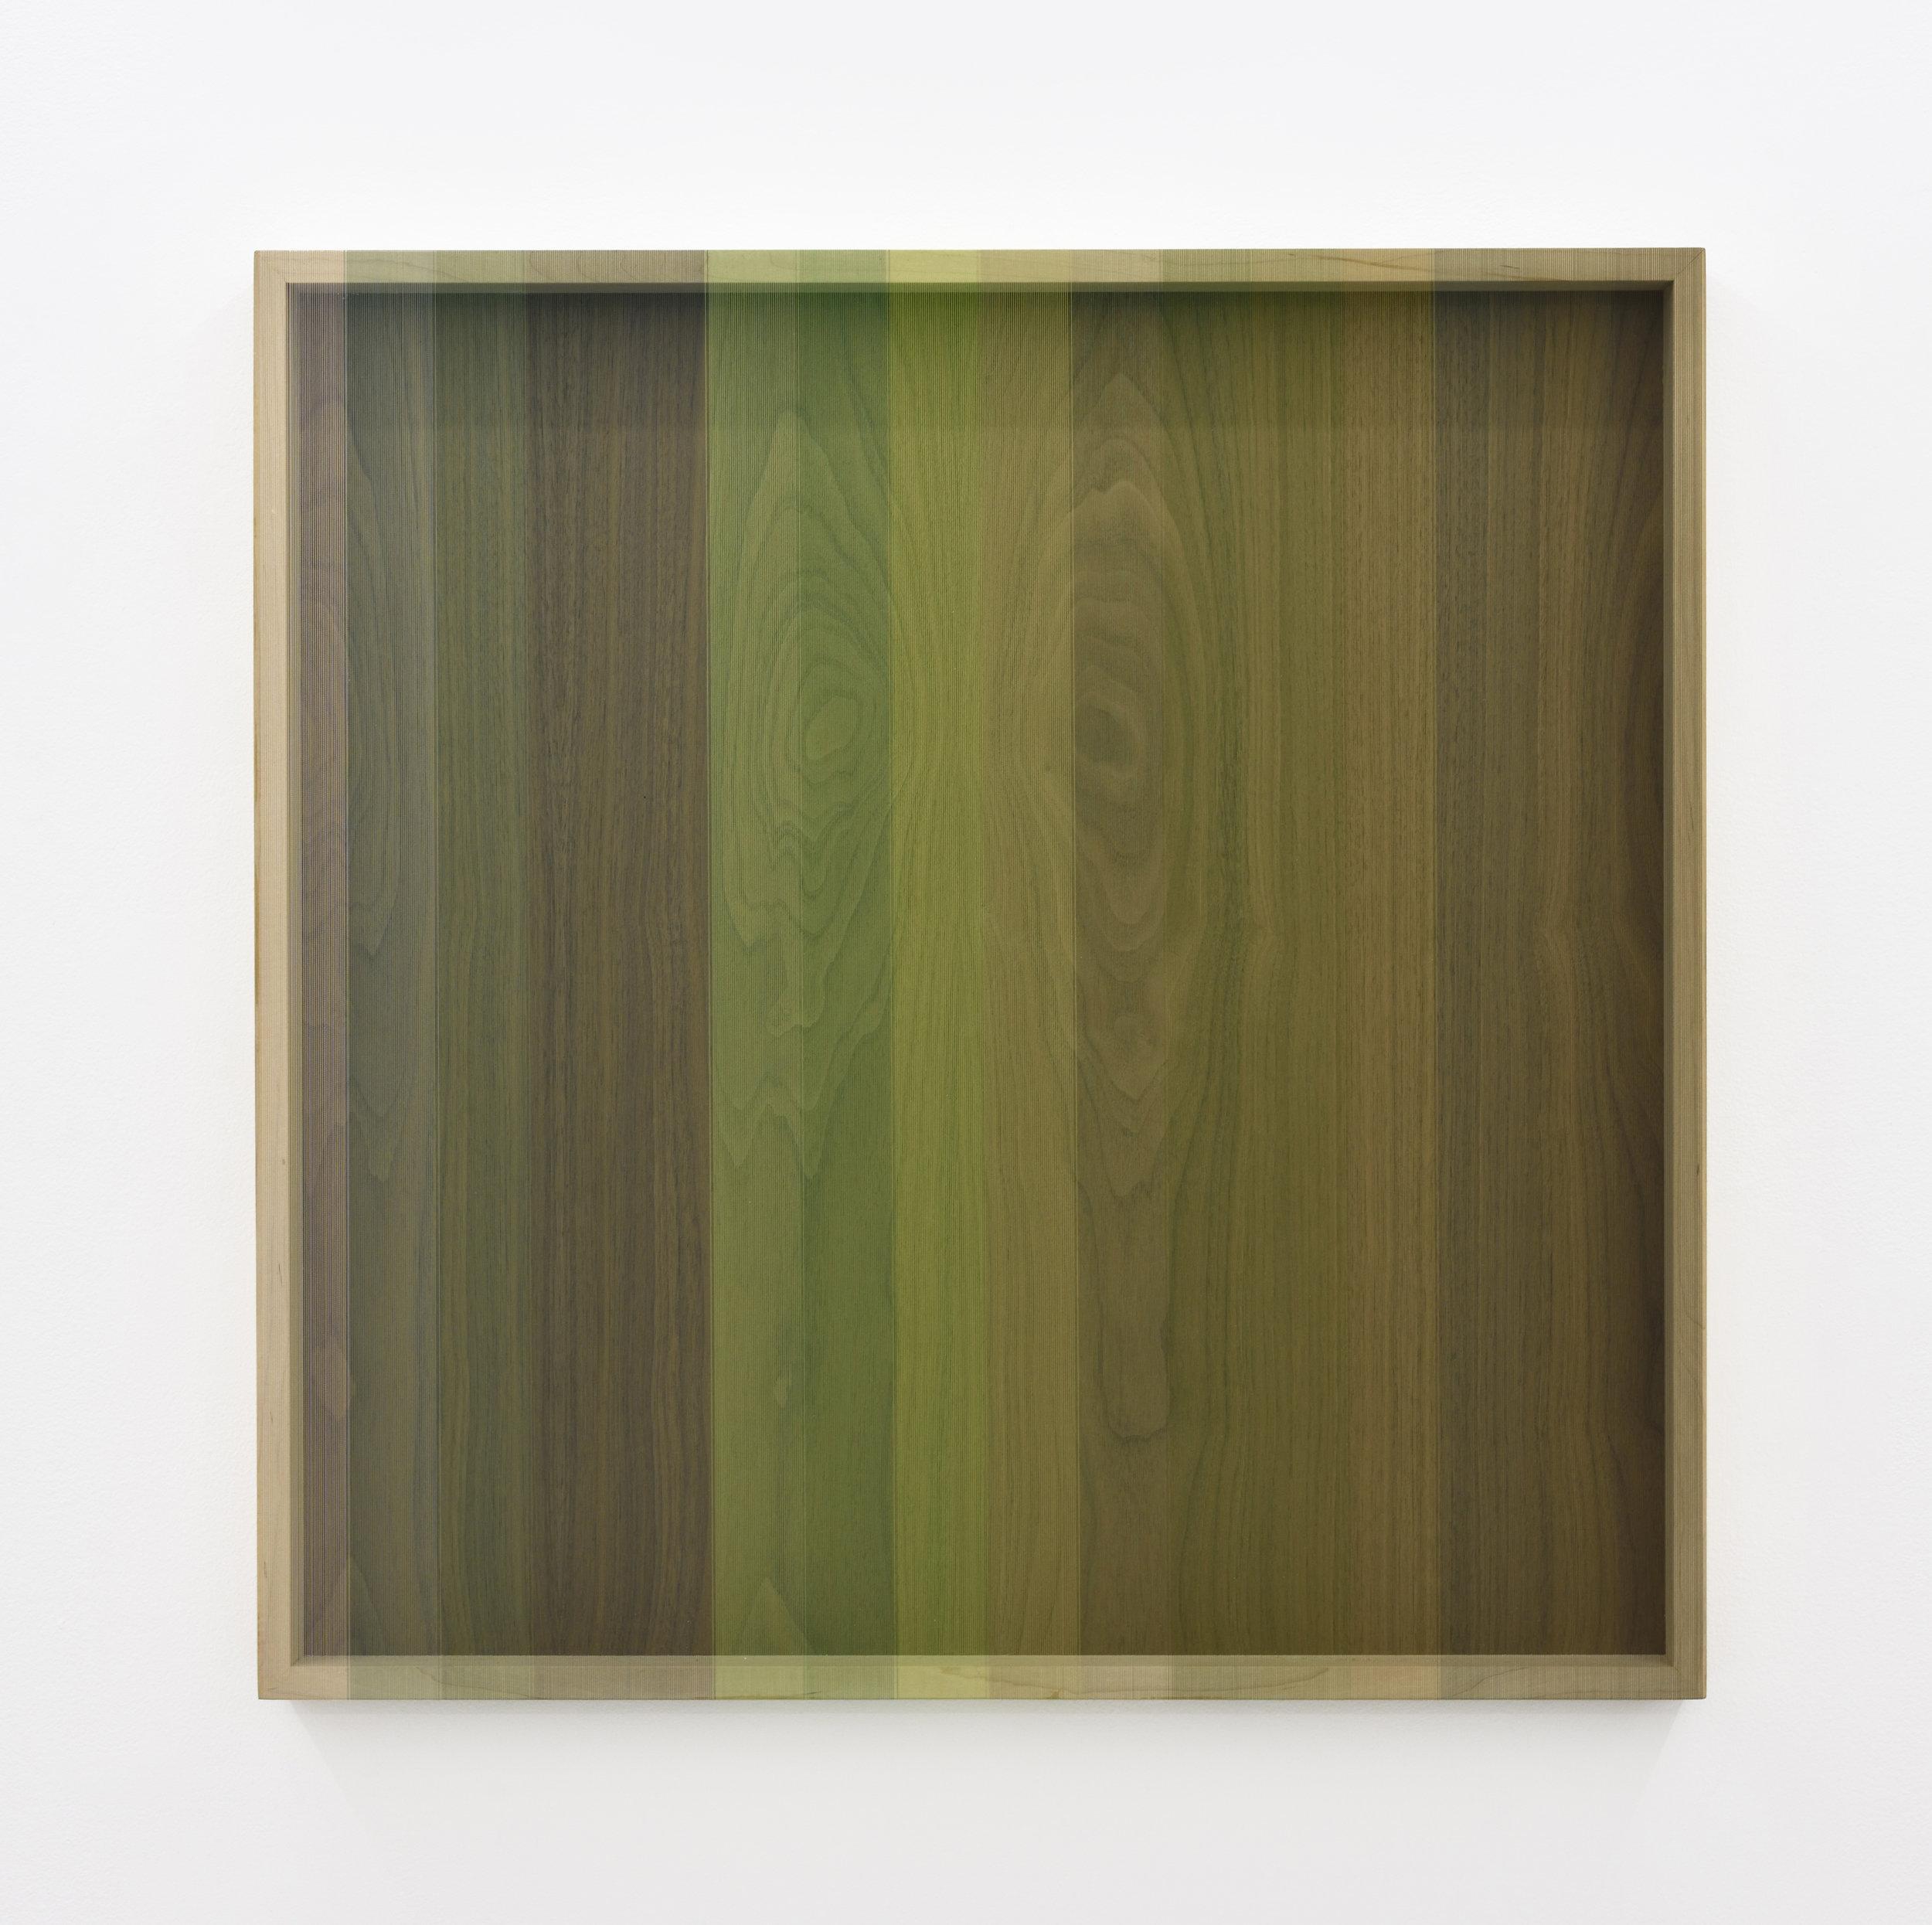 Untitled (Green progression hovering thread), 2013 rayon thread on walnut 78,7 x 78,7 cm - 31 x 31 inches